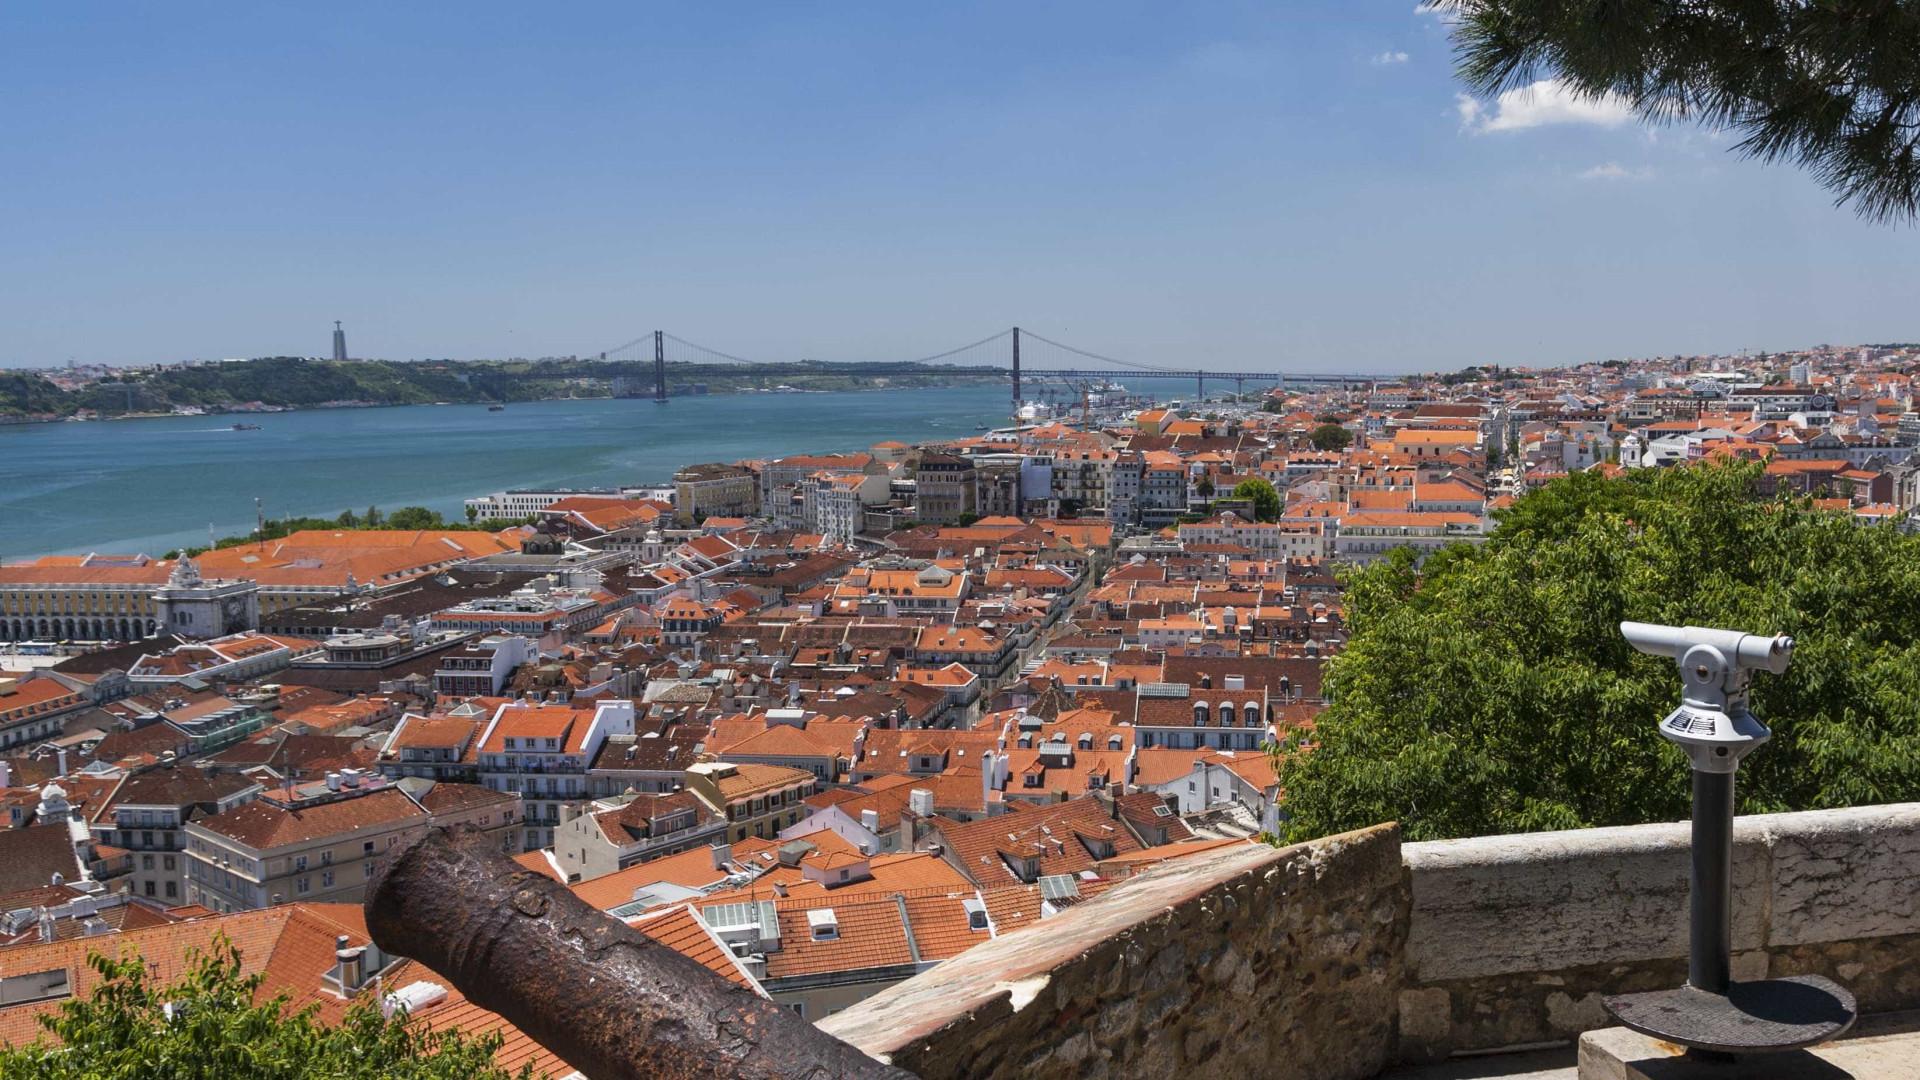 Lisboa espera 36,5 milhões de euros com taxa turística em 2019